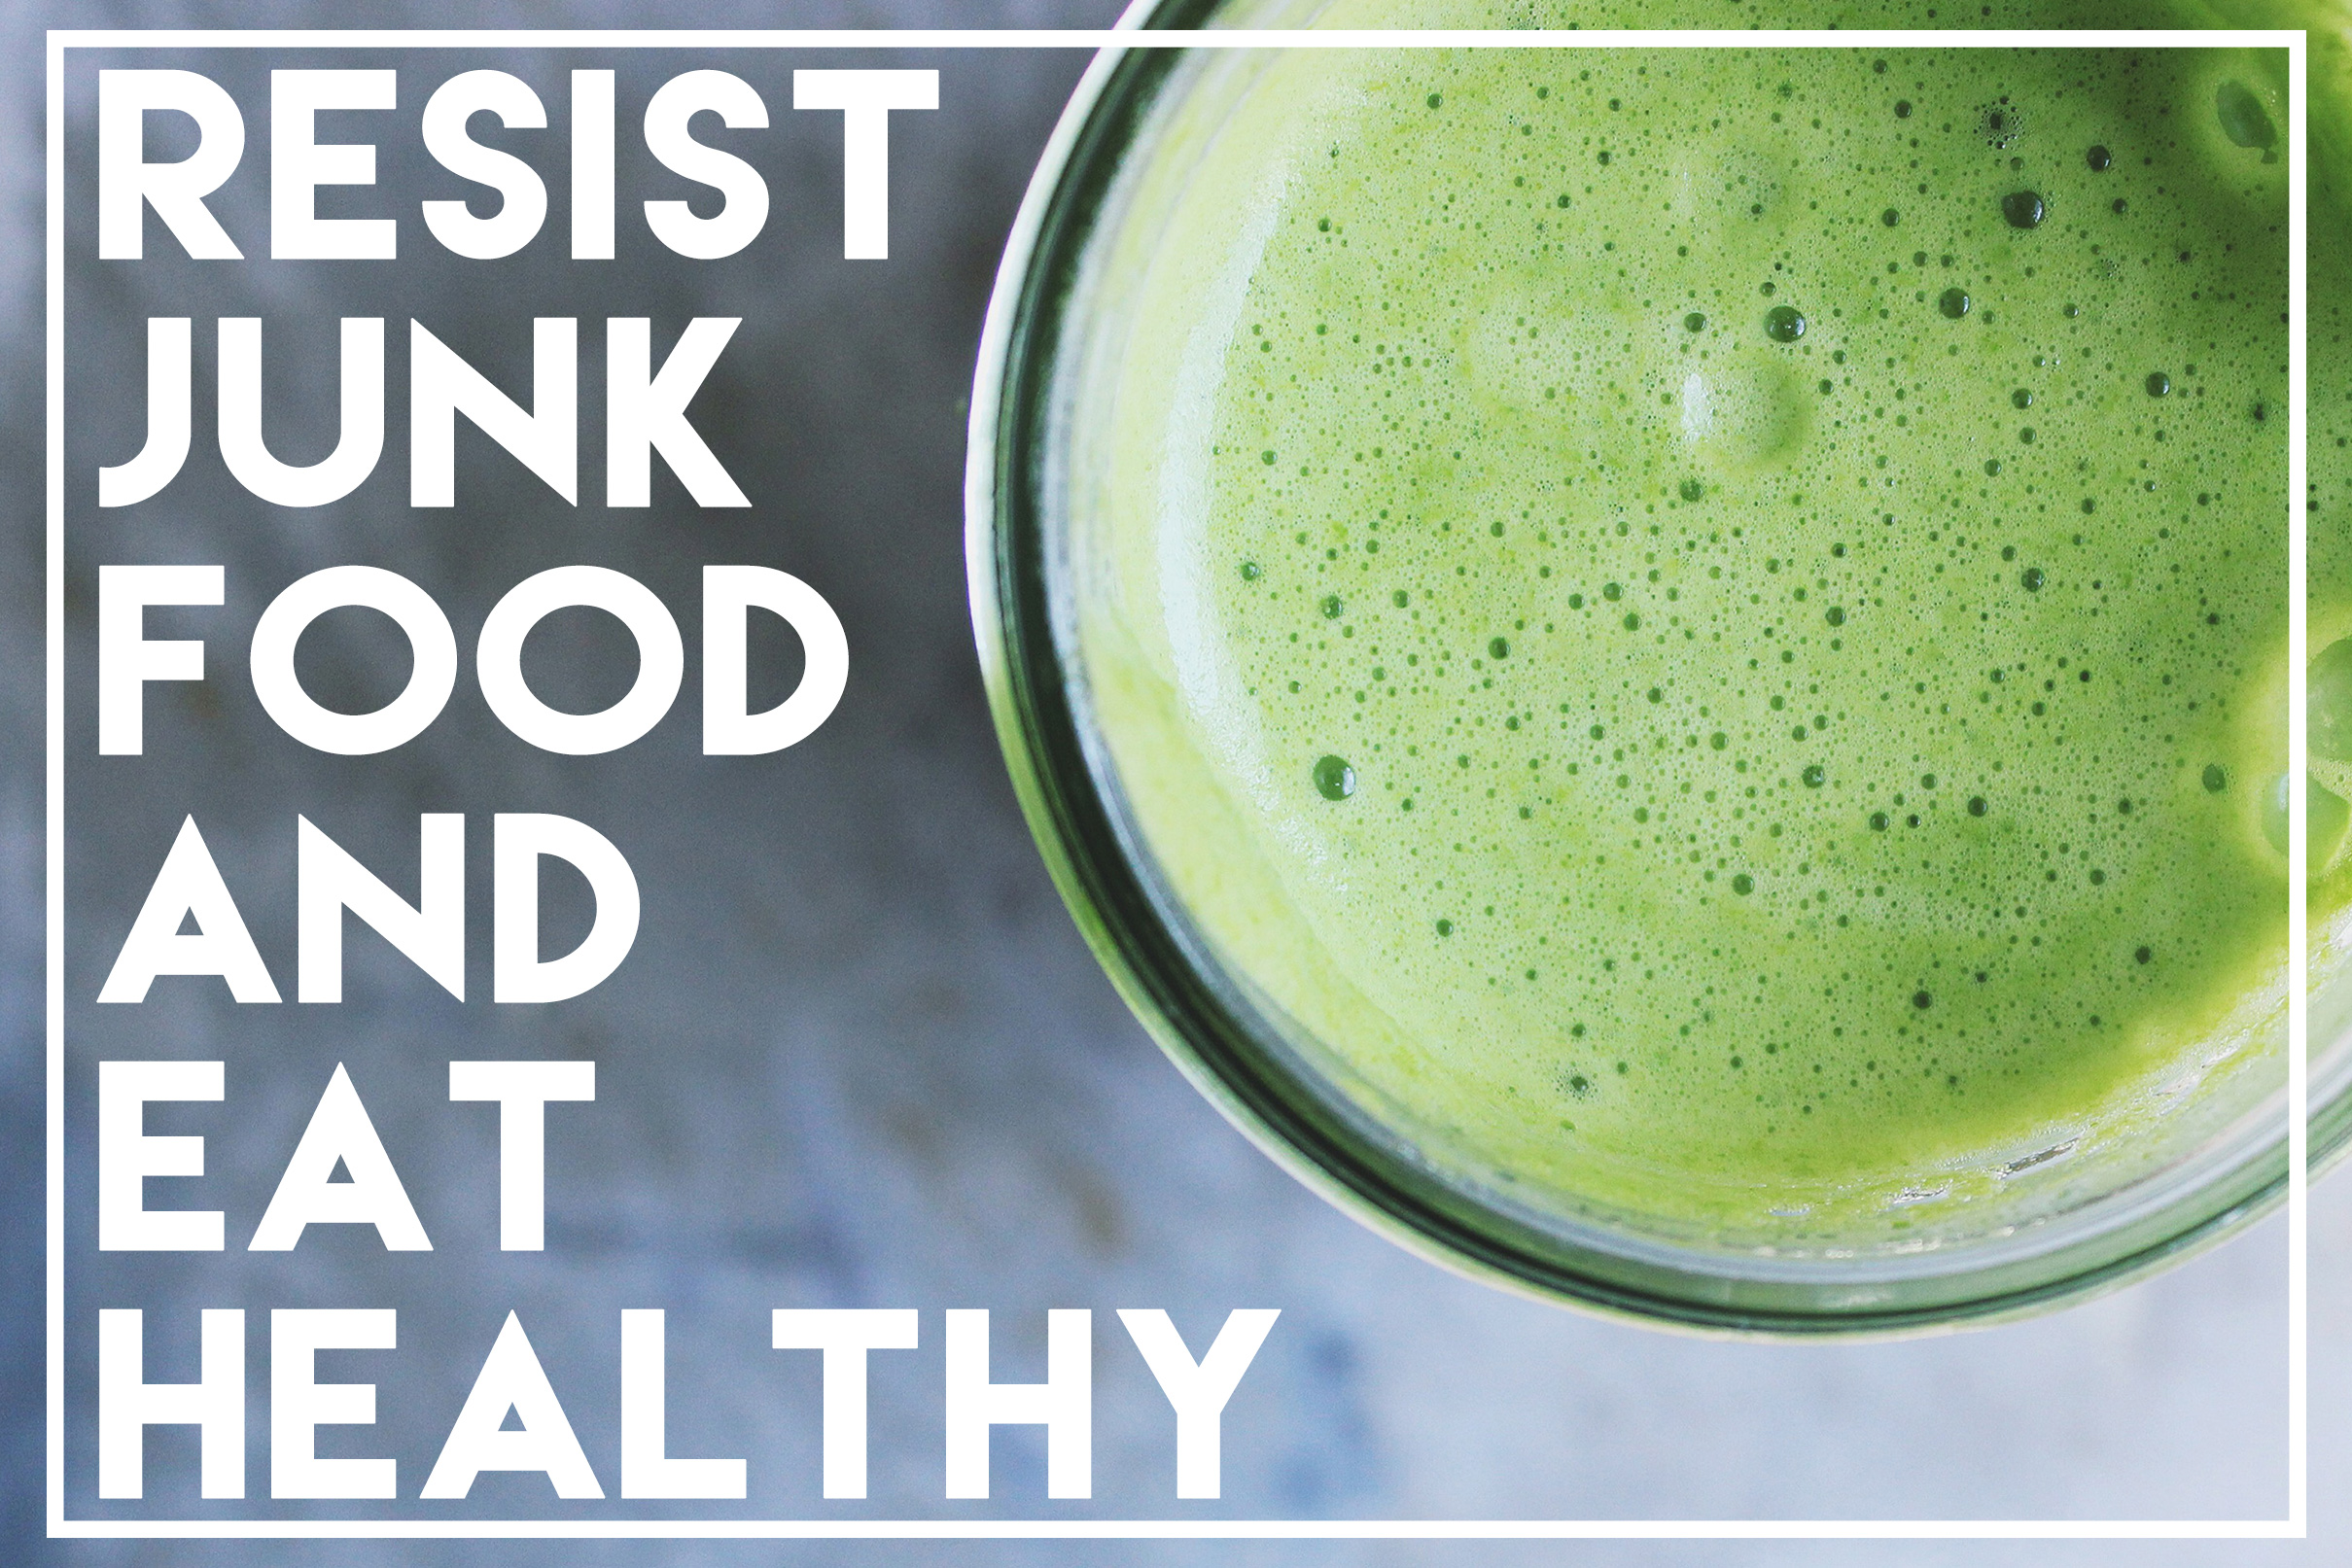 EAT_HEALTHY.jpg